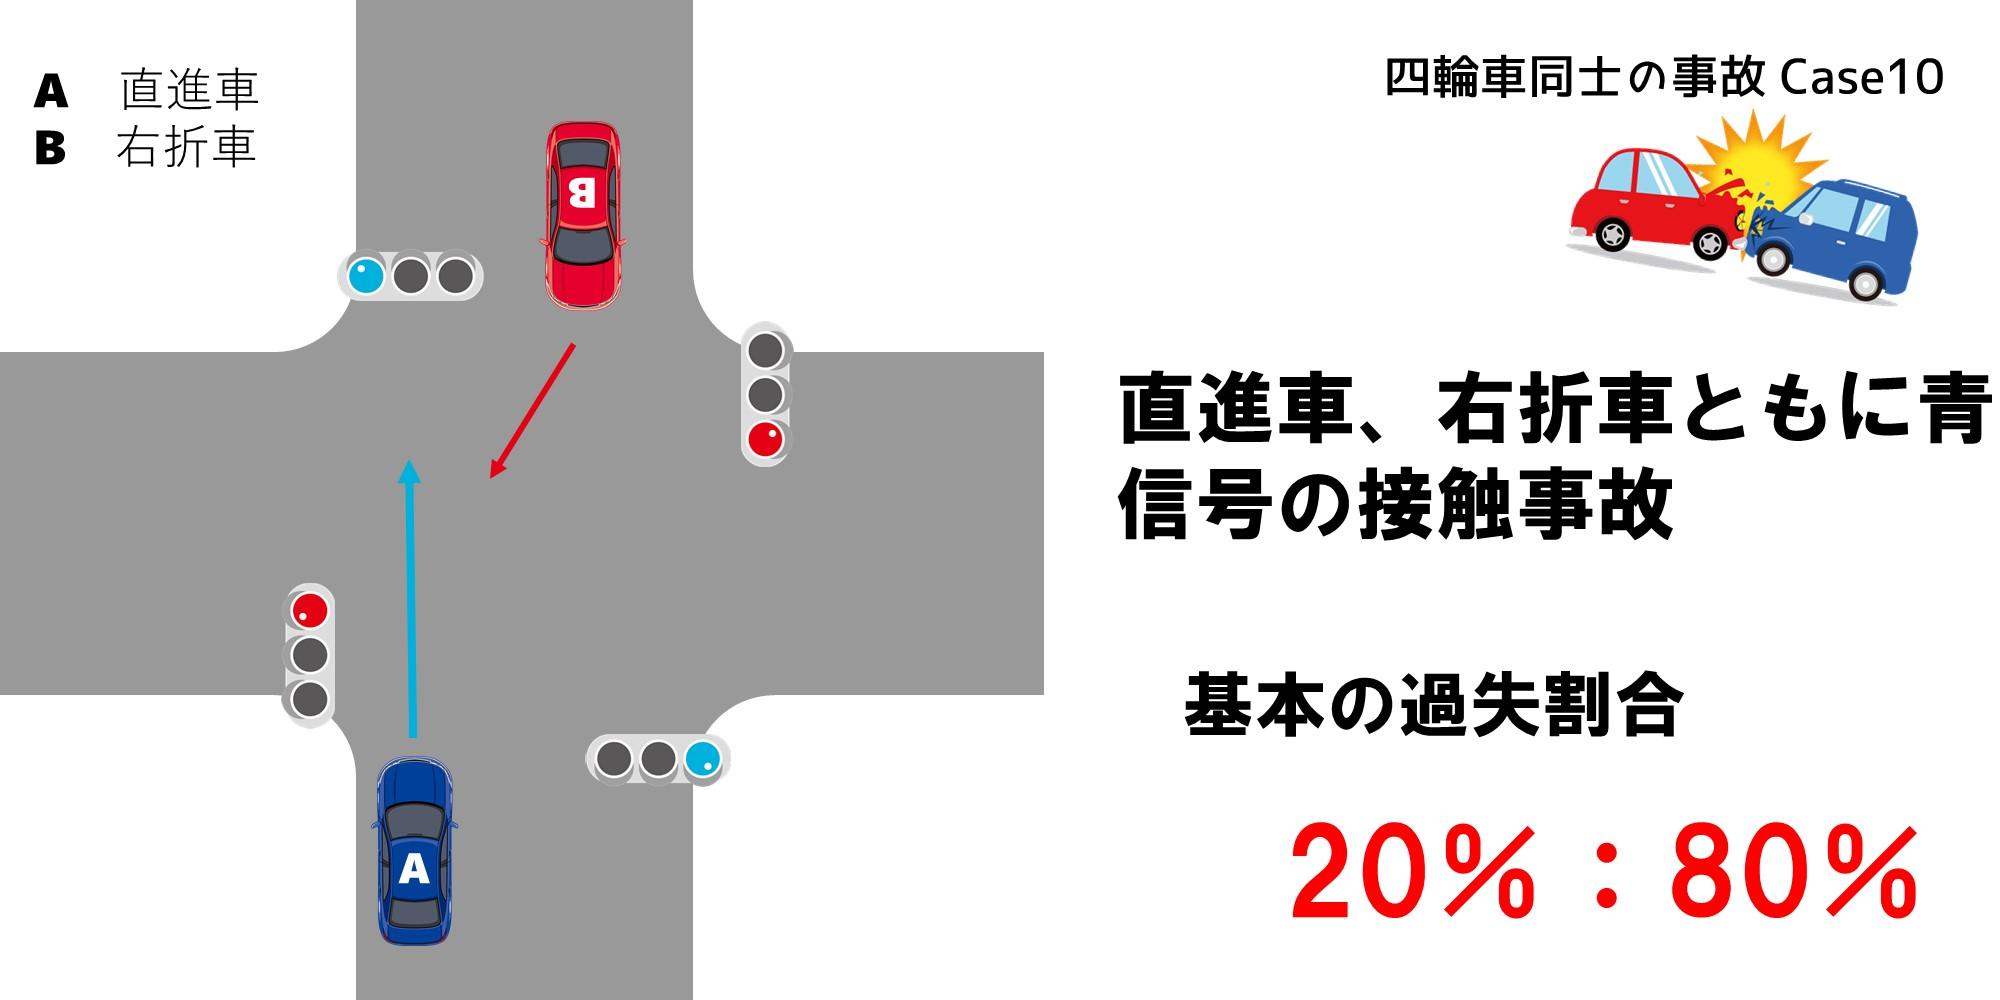 直進車と右折車の信号機がともに青の場合の過失割合